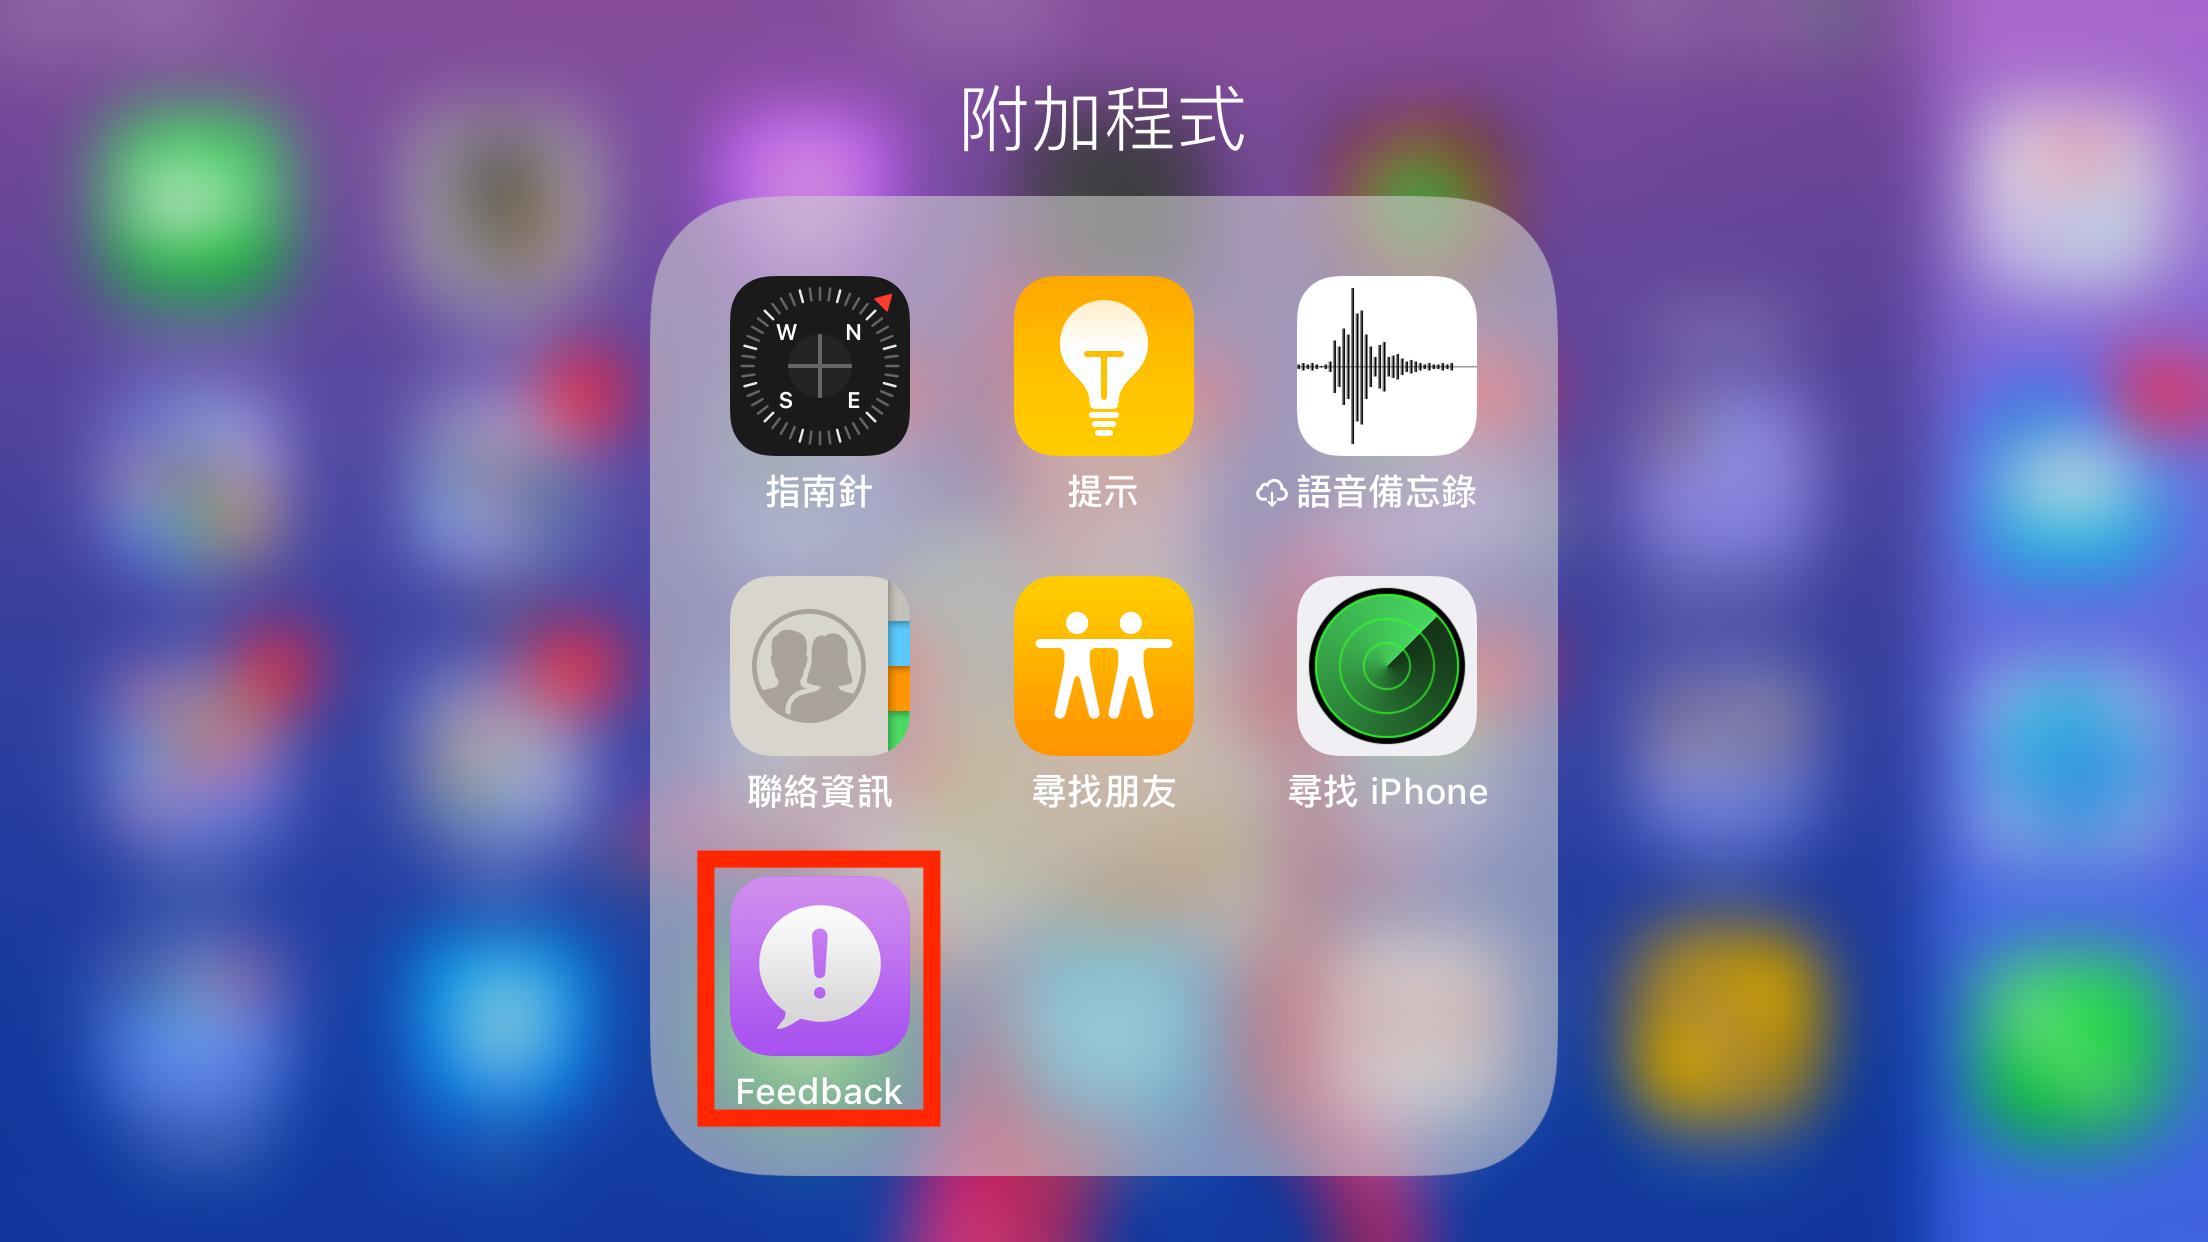 如何讓「請從iOS 11 Beta更新」不再顯示:Feedback回報